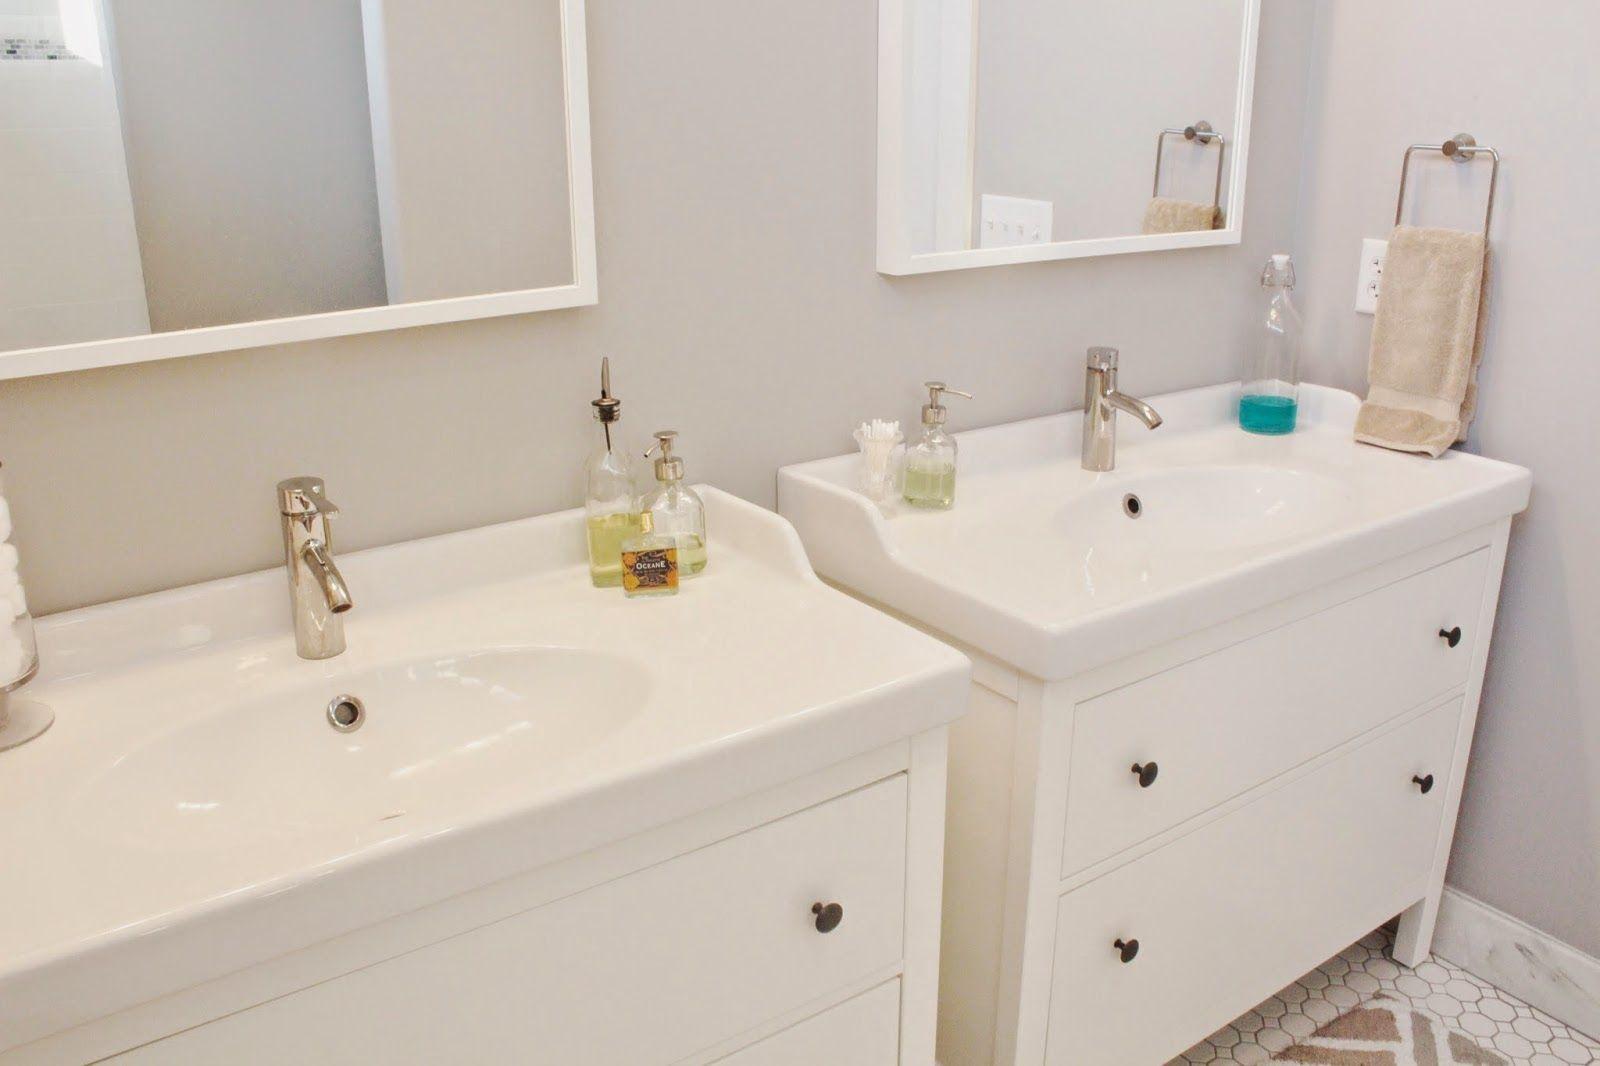 Sink cabinets bathroom ikea click for details ikea hemnes - Ikea bathroom sinks and vanities ...